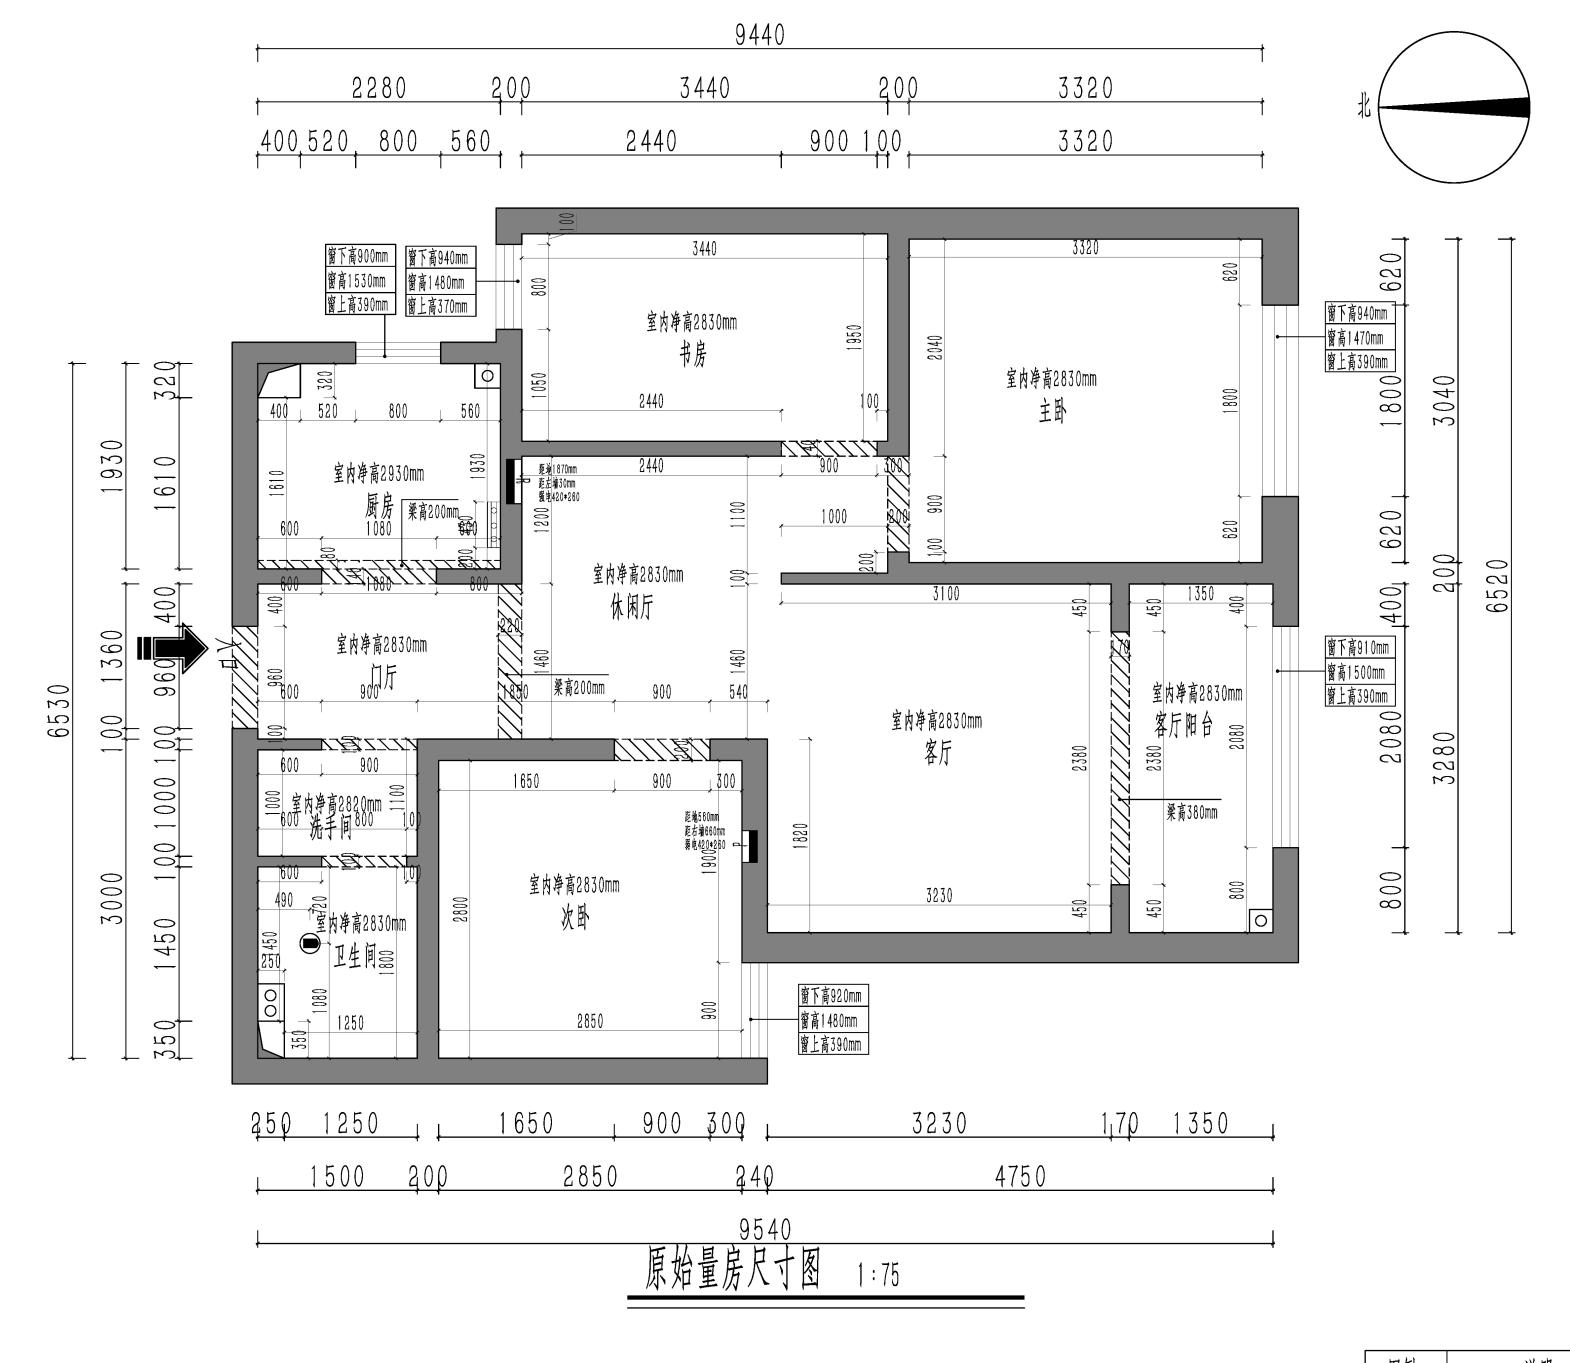 榆次兰田传奇91平米样板间美式设计风格装修设计理念